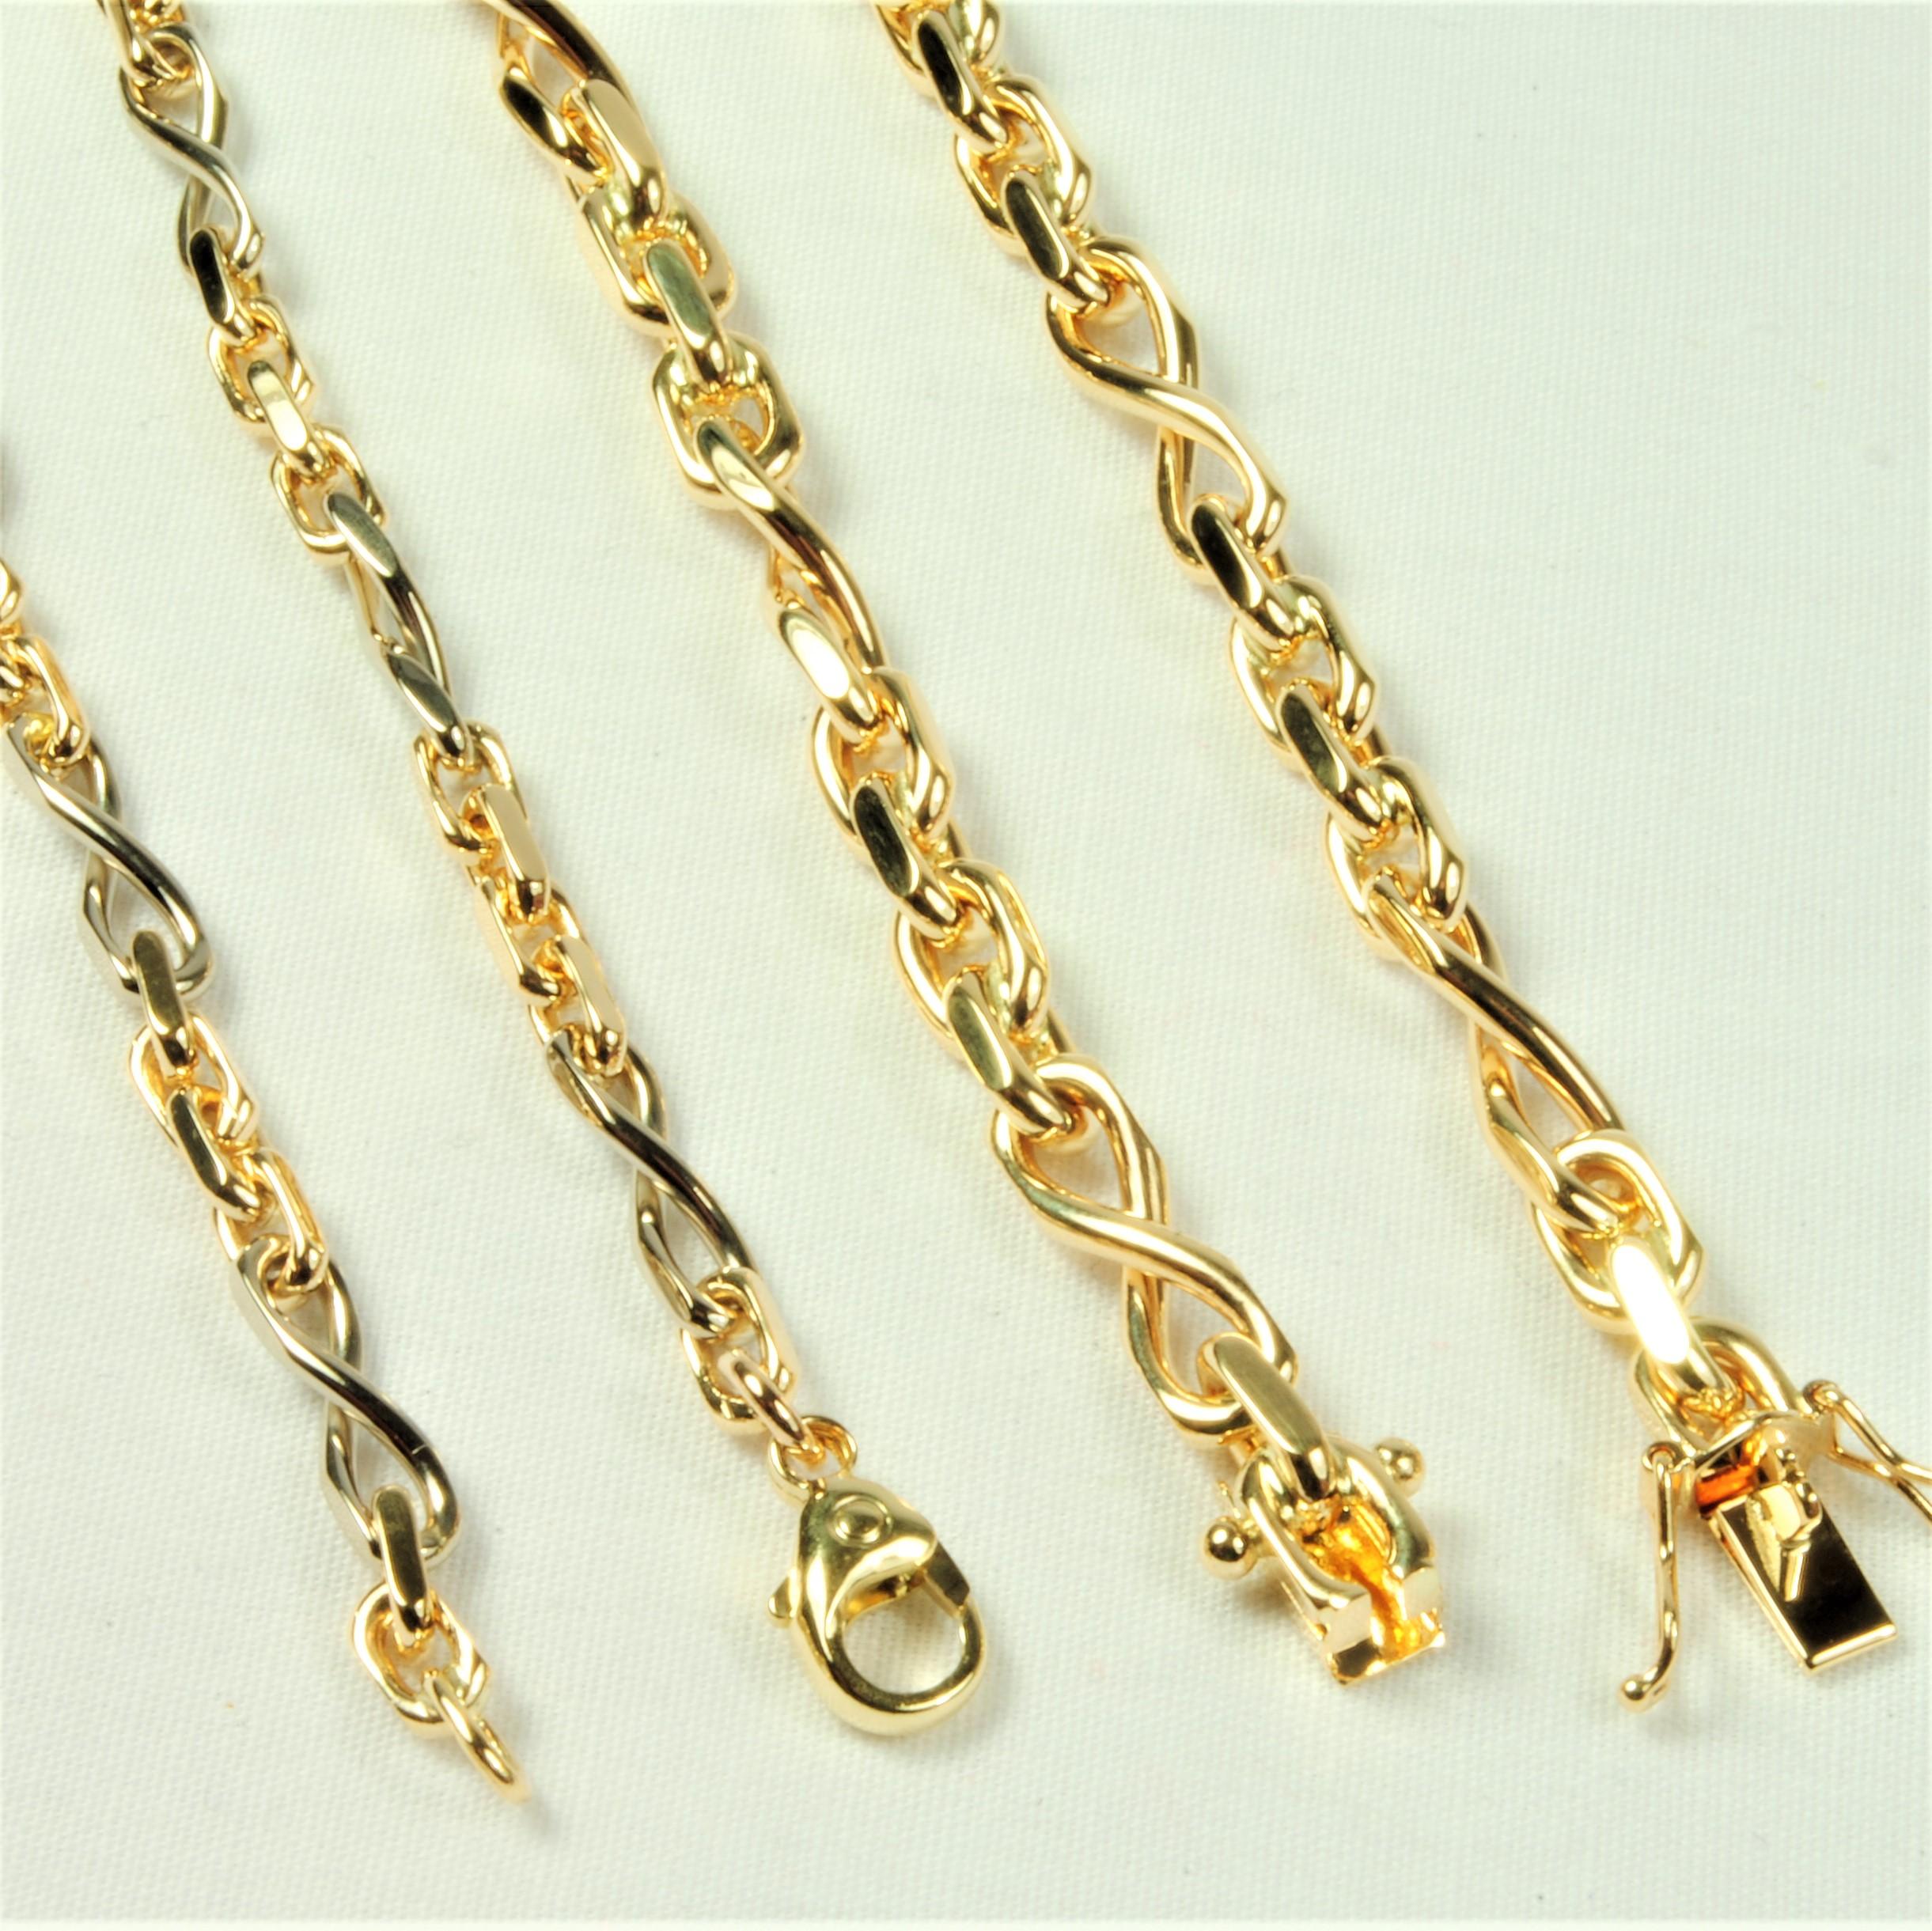 9d0b45ee589 14 kt tofarvet Guld-/hvidguld Anker Sløjfe armbånd 18,5 cm - Ure ...